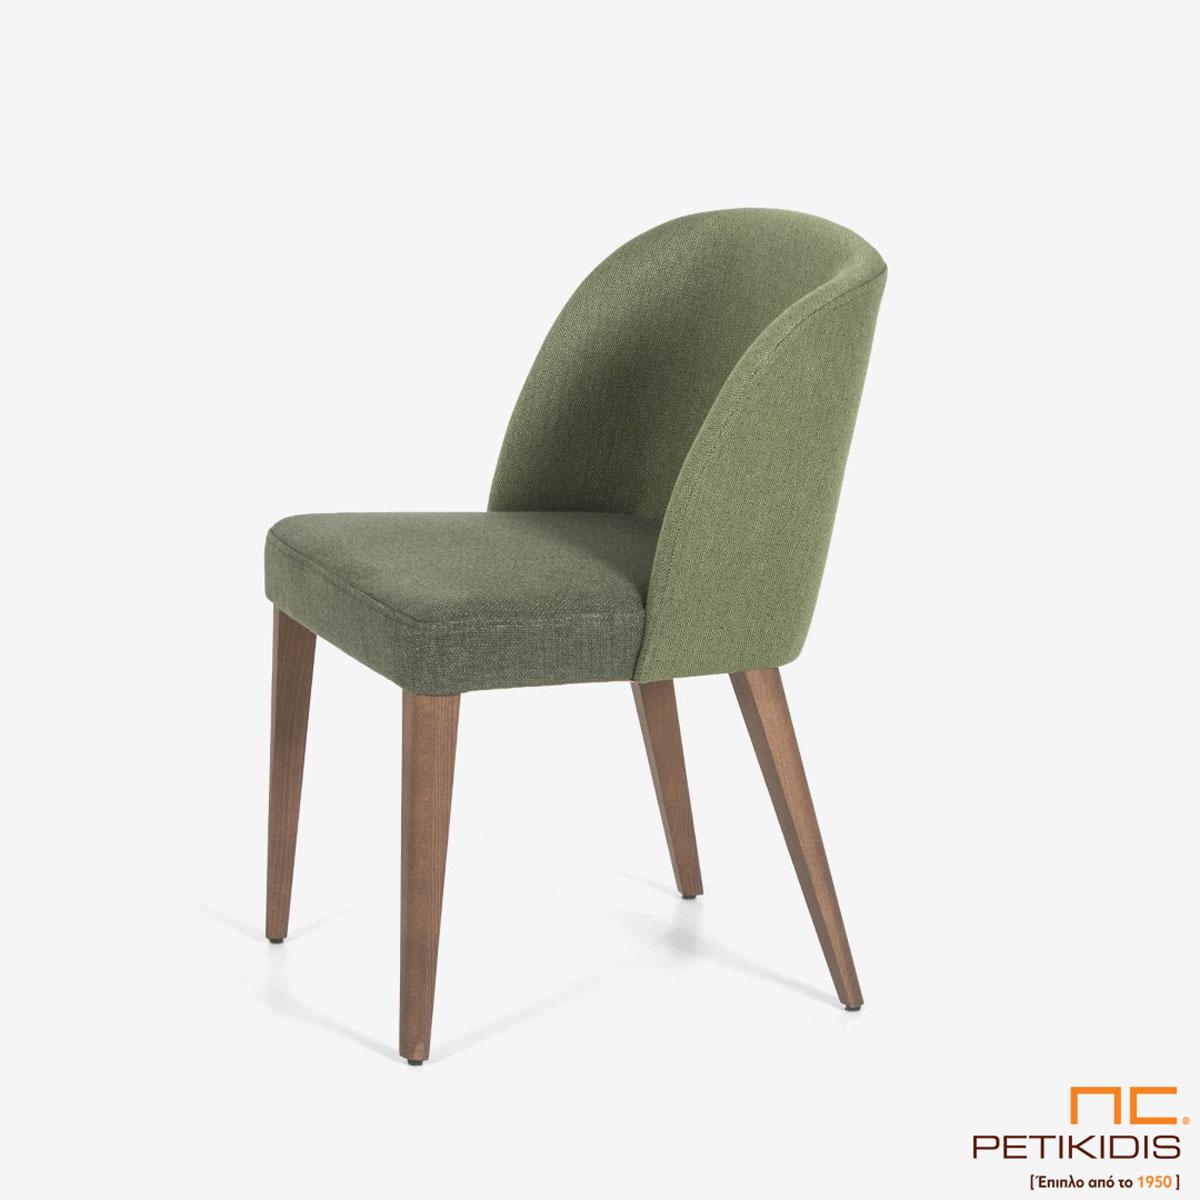 Καρέκλα Marien A93 με ξύλινη μασίφ βάση και υφασμάτινη πλάτη. Το ύφασμα είναι σε δύο αποχρώσεις του πράσινου σκούρο στο κάθισμα και ανοιχτόχρωμο στην πλάτη.